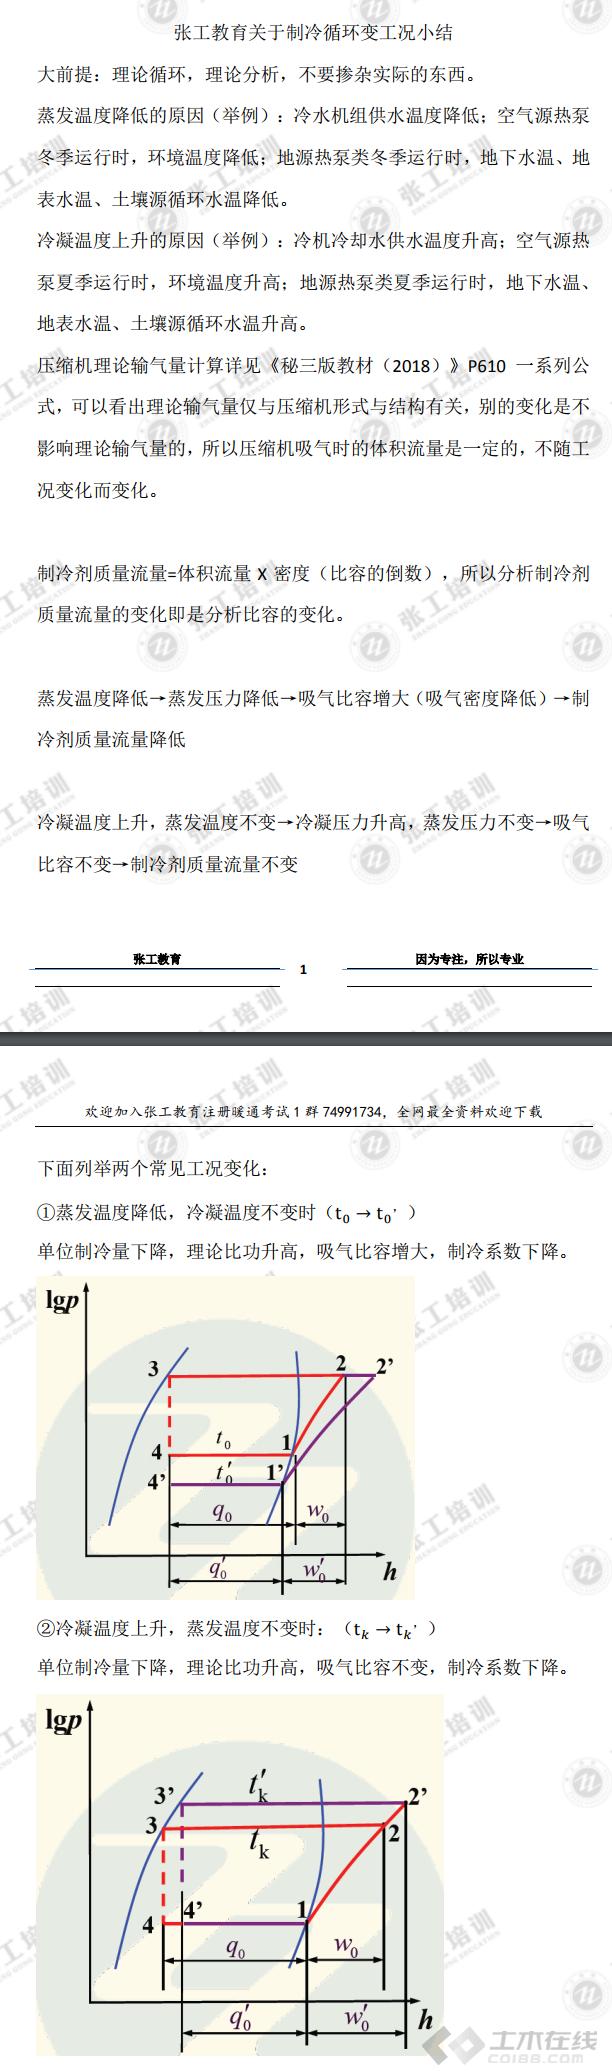 注册暖通工程师图片1